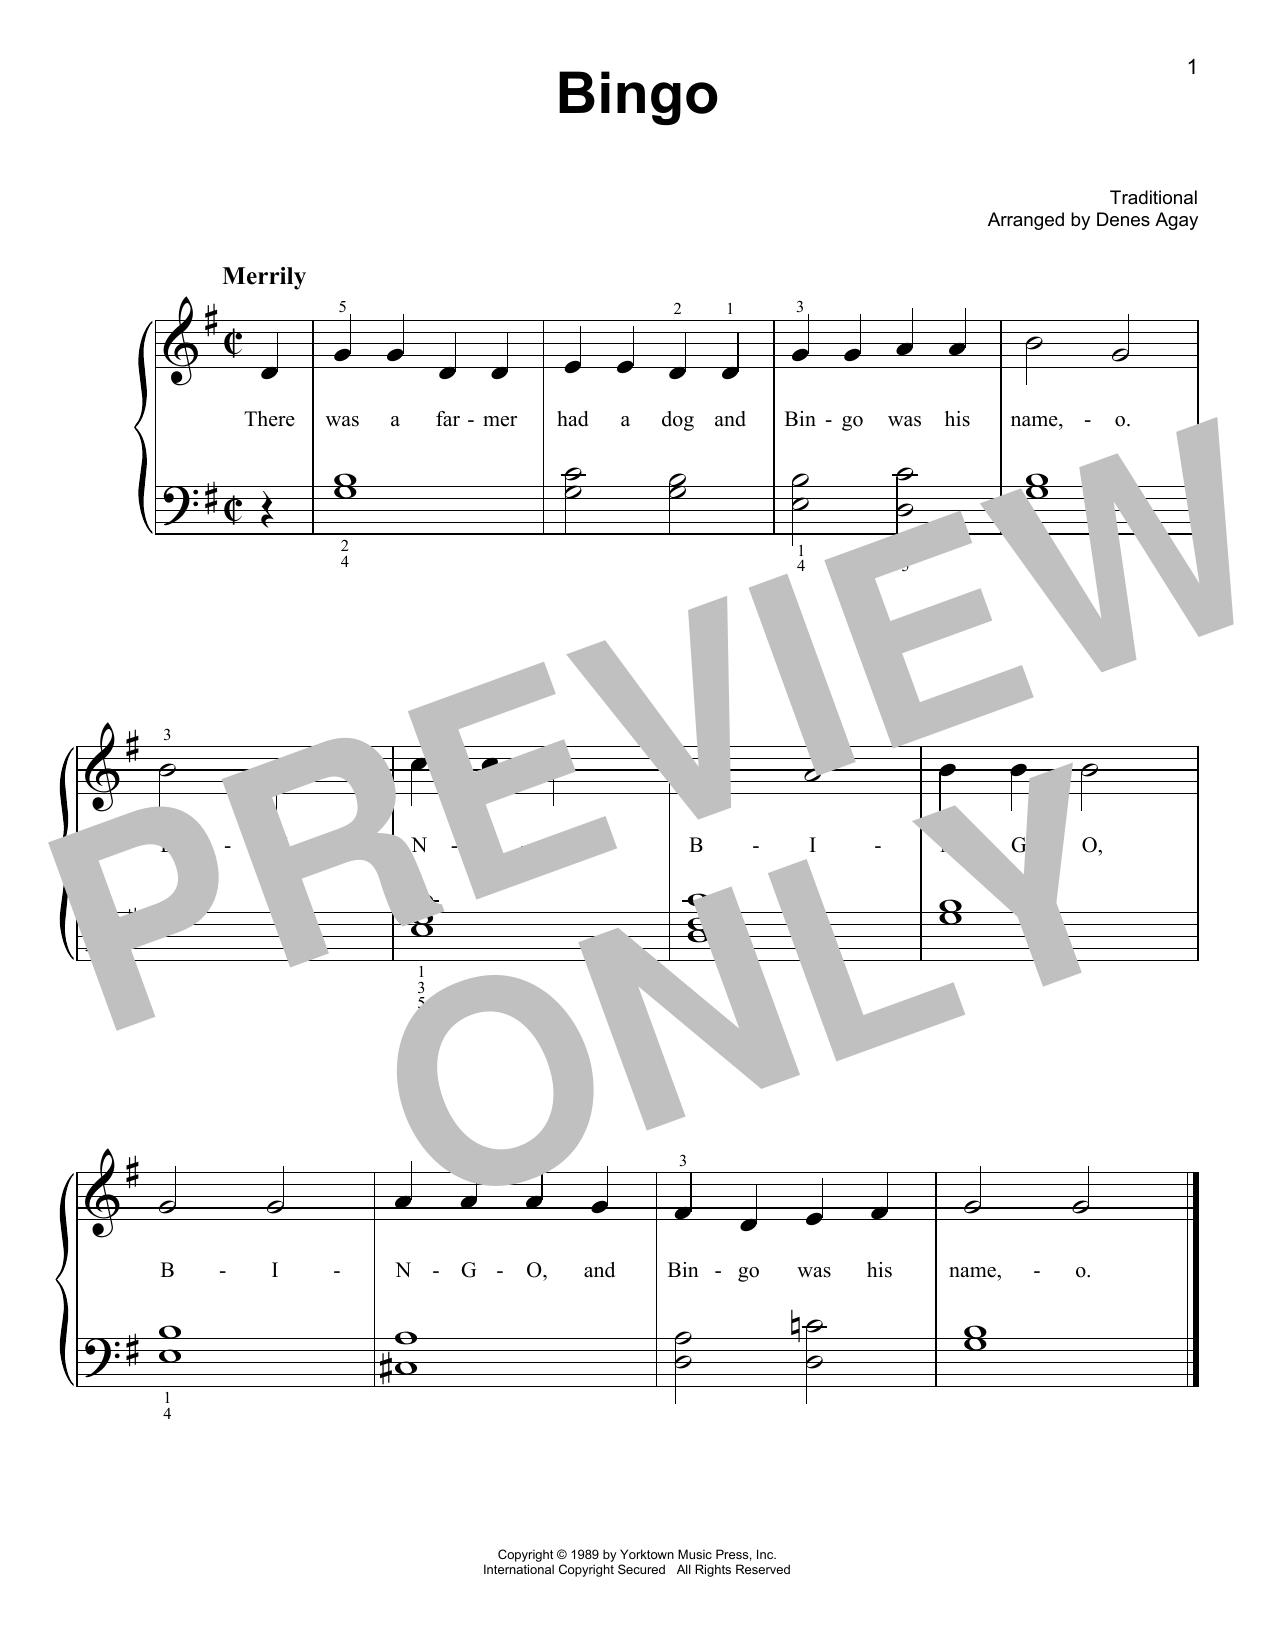 Bingo (arr. Denes Agay) (Easy Piano)